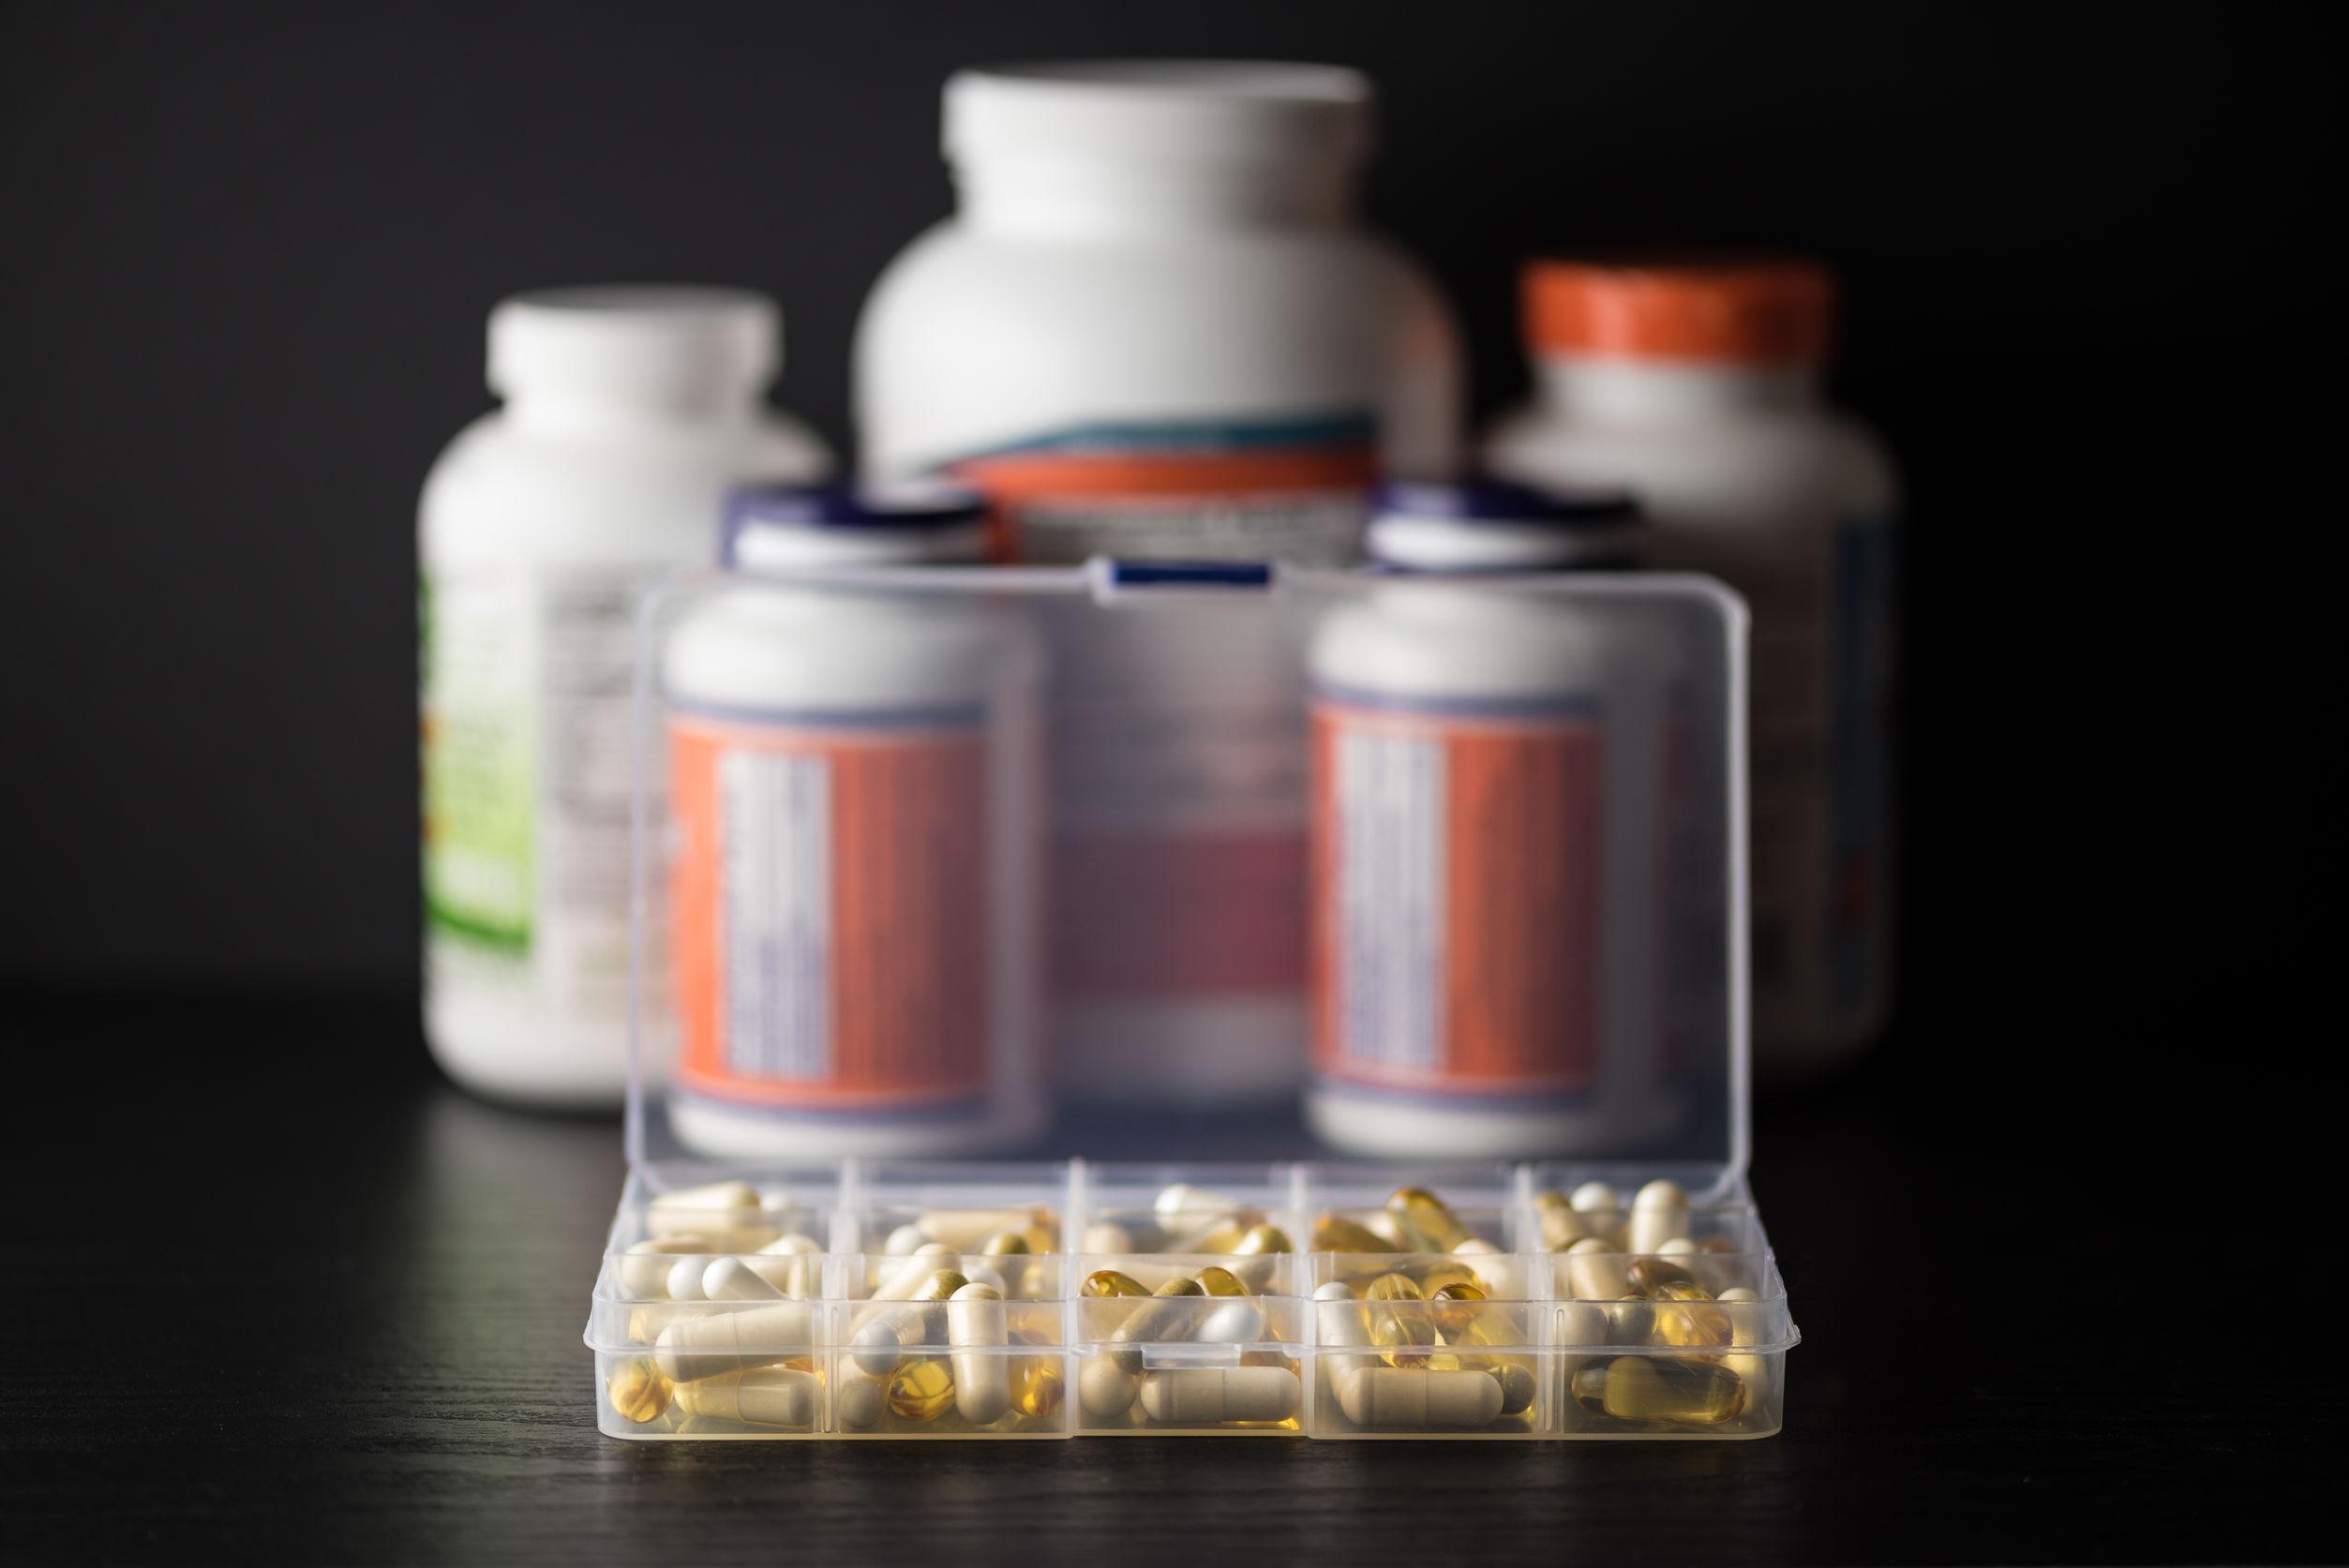 Suplementos en pastillero diario frente a cápsulas, píldoras, frascos de cápsulas blandas y tabletas, sobre mesa de madera negra con fondo oscuro.